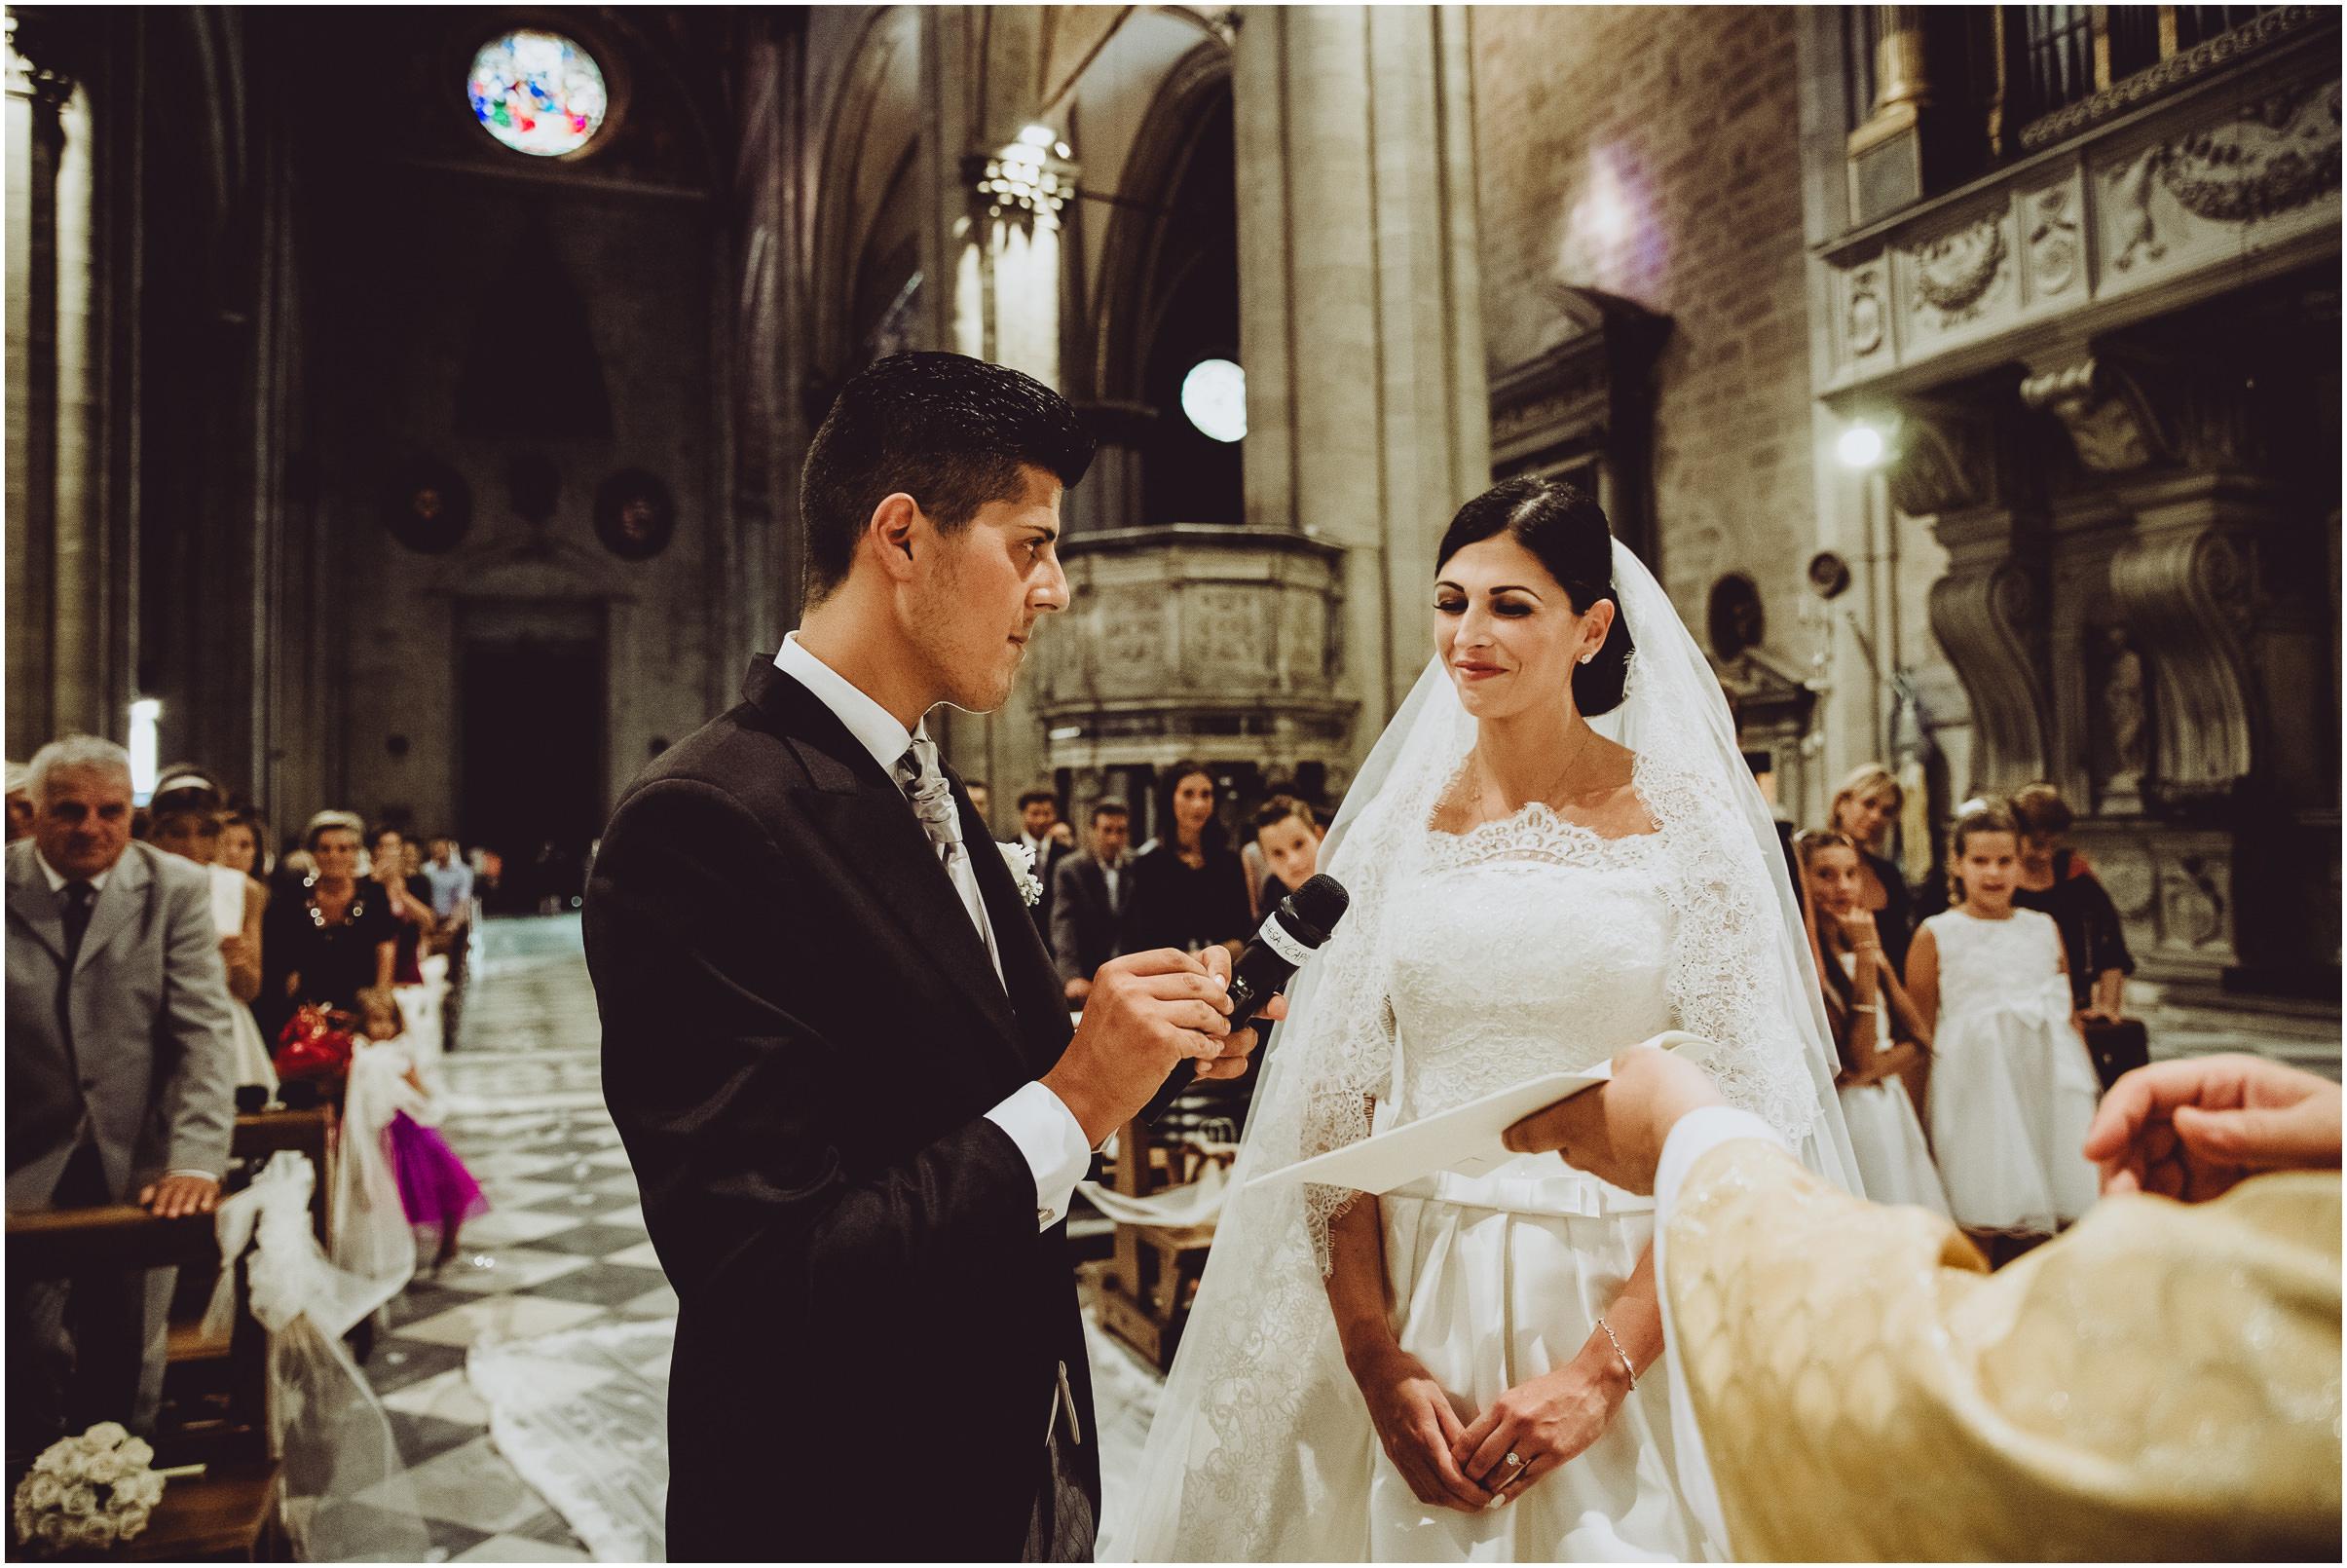 WEDDING-PHOTOGRAPHY-SARA-LORENZONI-FOTOGRAFIA-MATRIMONIO-AREZZO-TUSCANY-EVENTO-LE-SPOSE-DI-GIANNI-ELISA-LUCA021